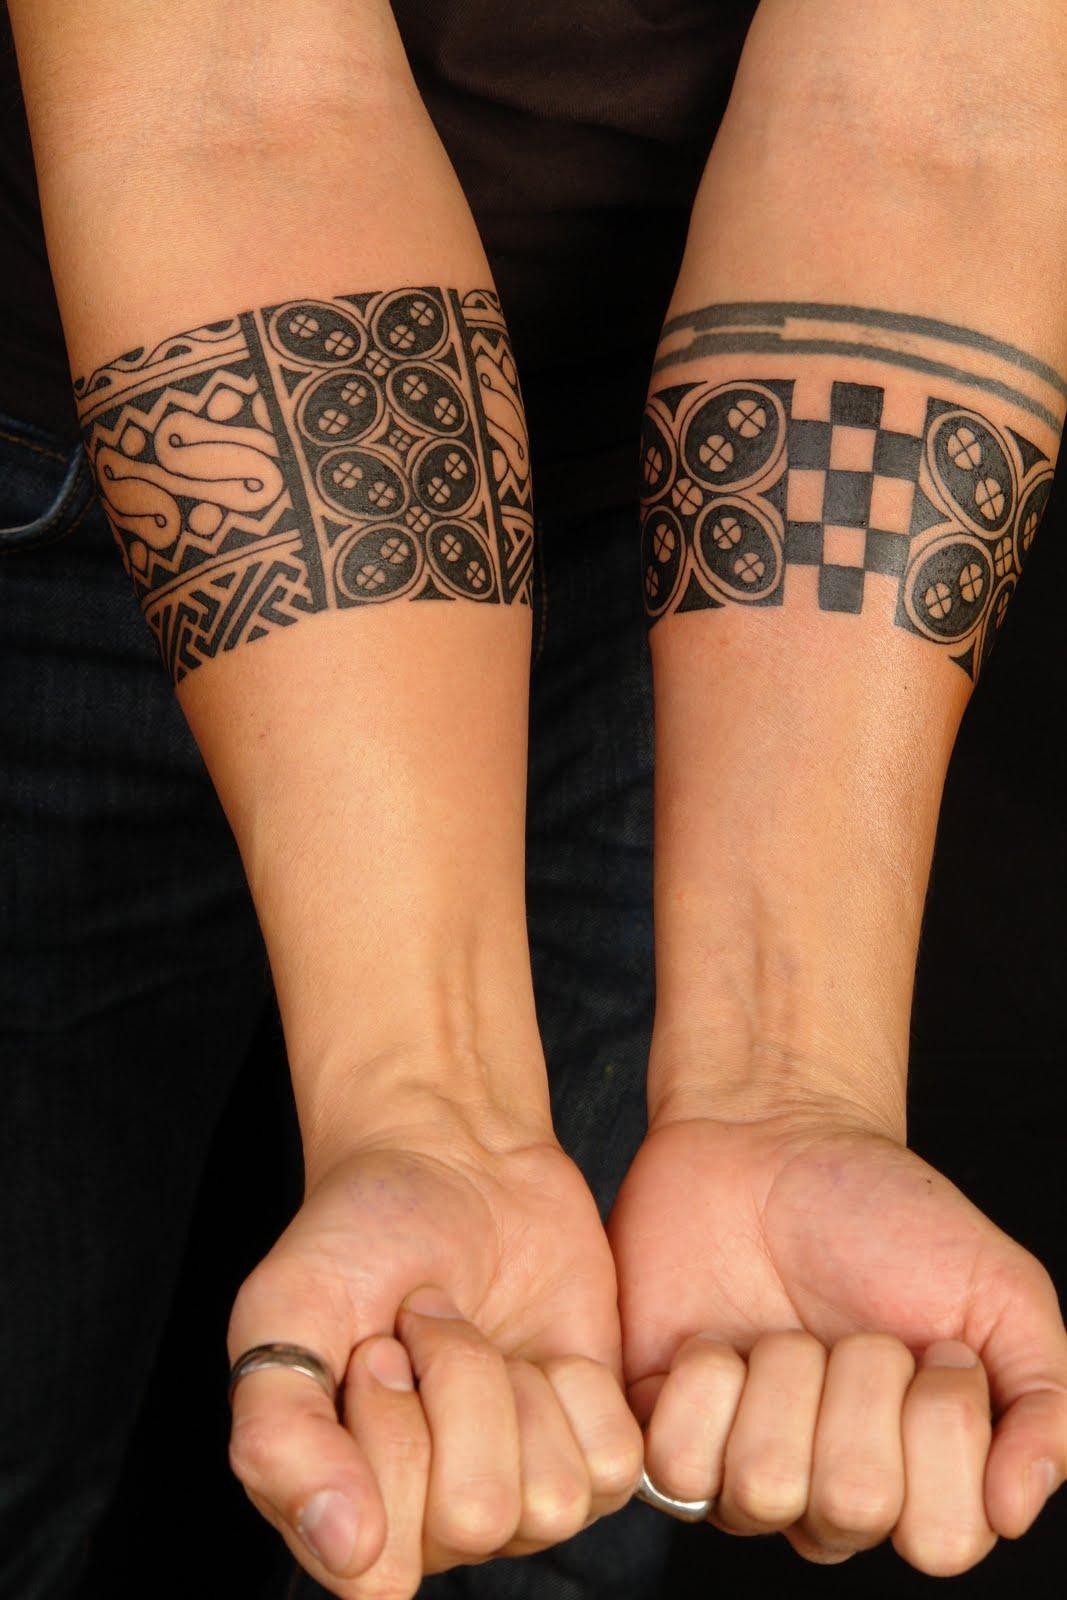 Tattoo October 2011